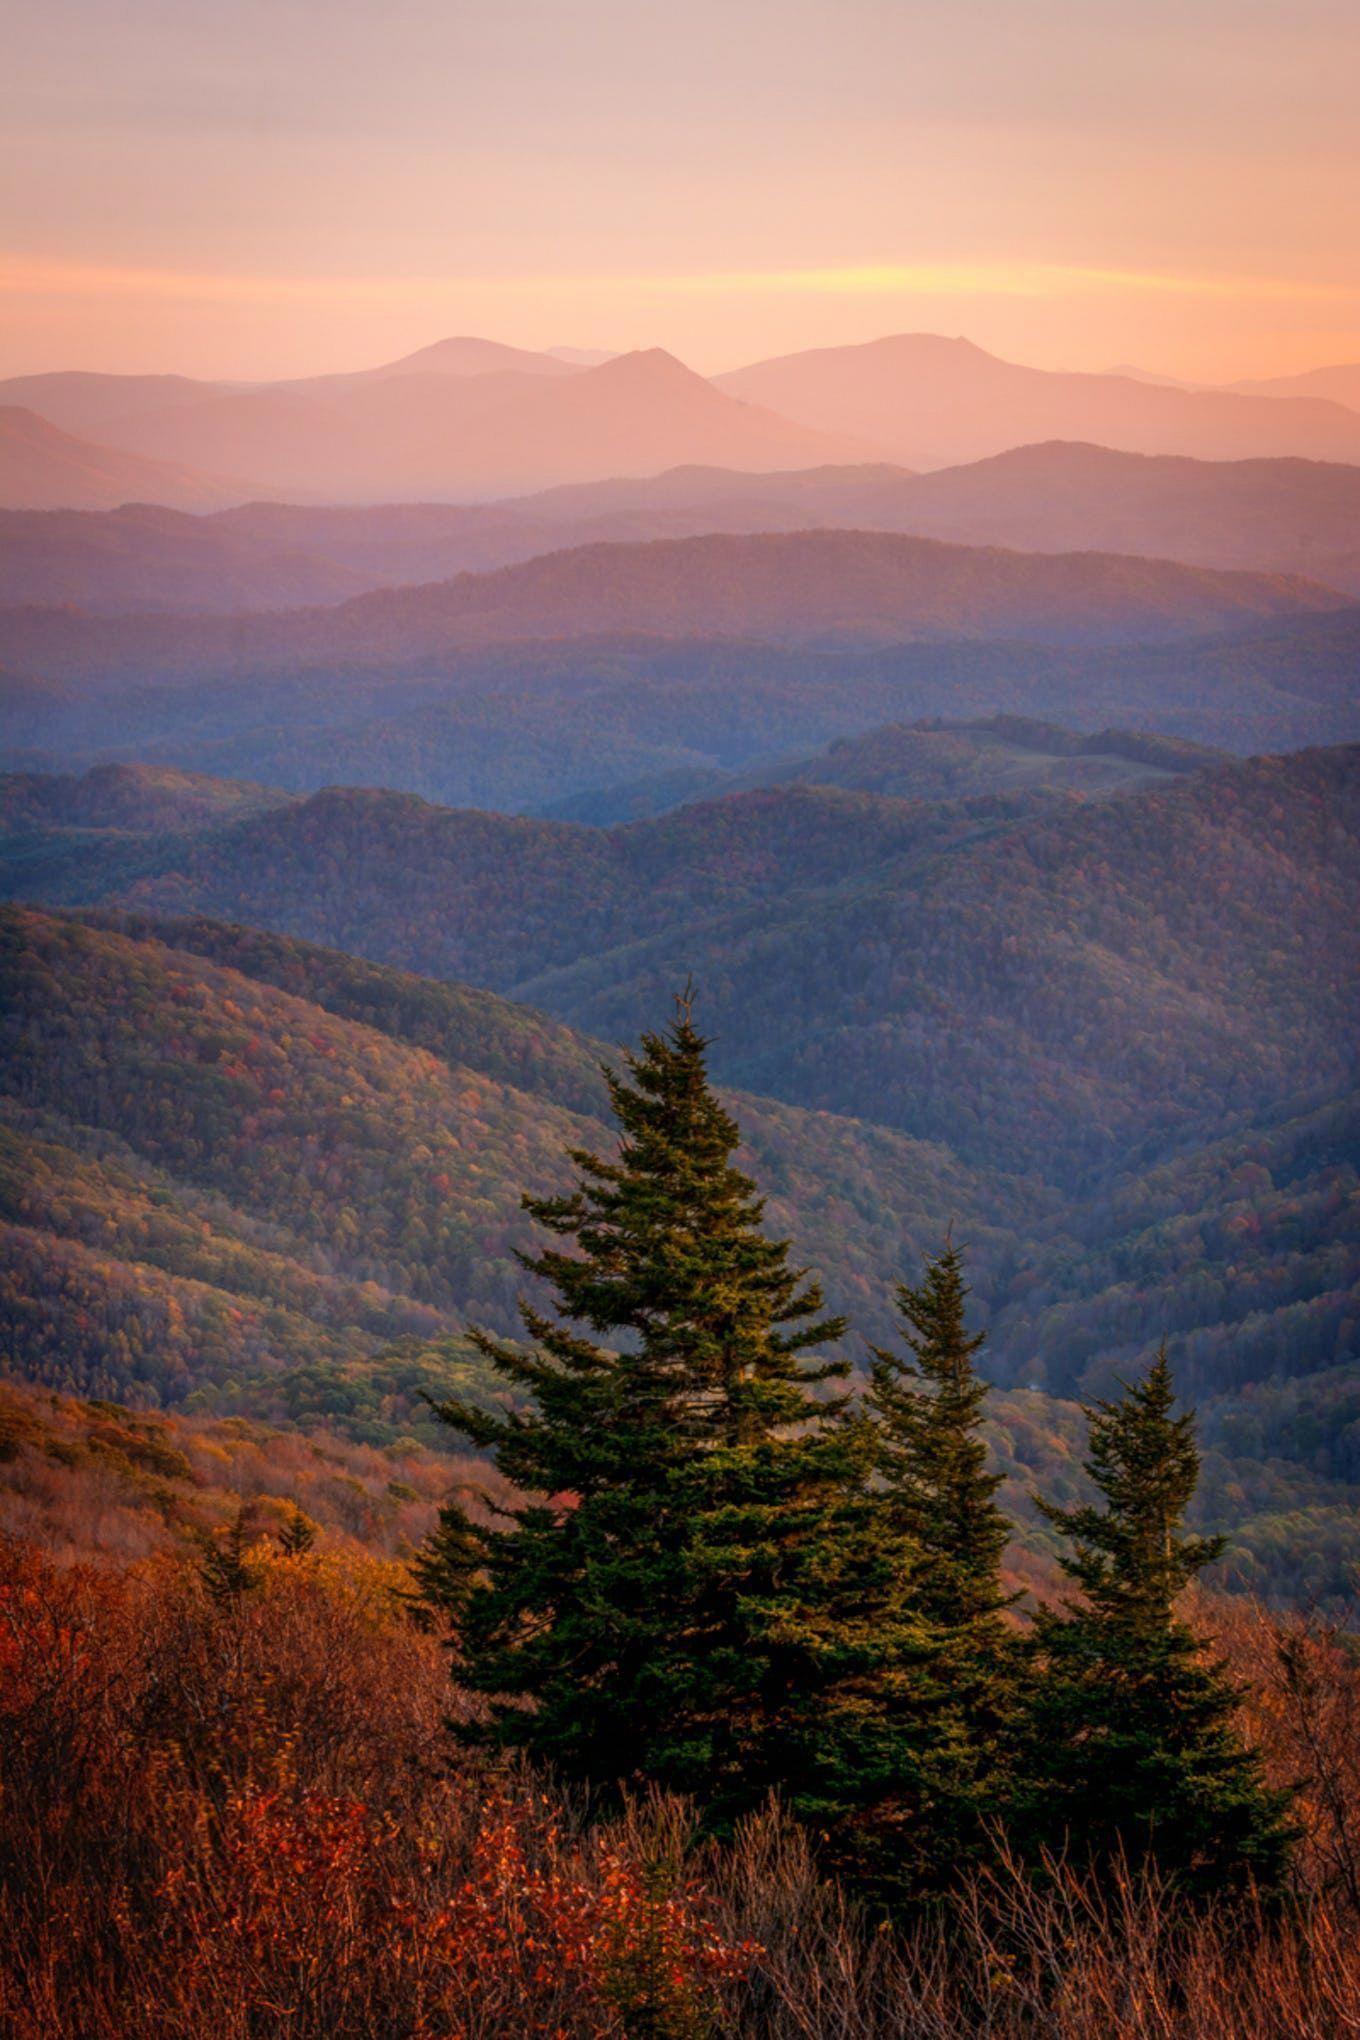 landscape photography nature #LandscapePhotographyTips